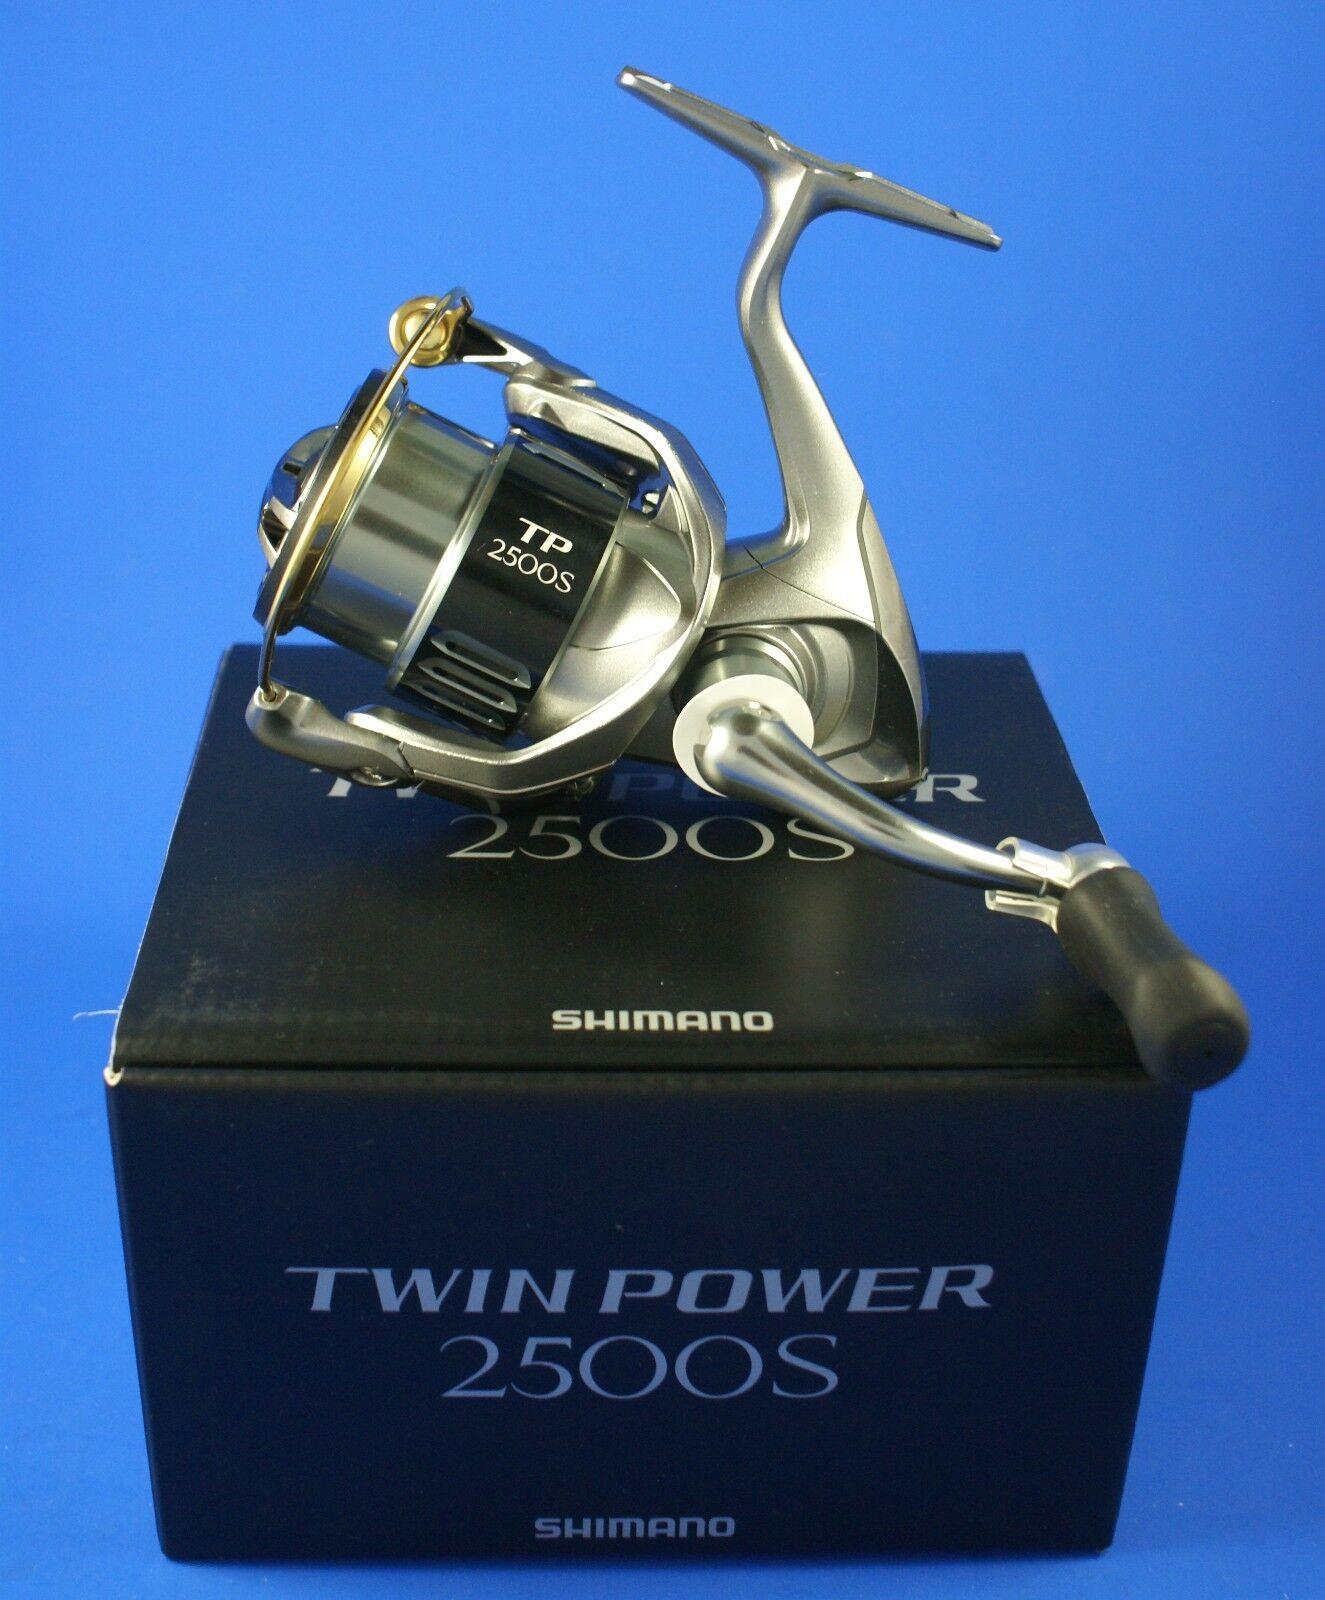 Shiuomoo TWIN energia 2500 S  TP2500S  mulinello da pesca trascinauominito davantiale